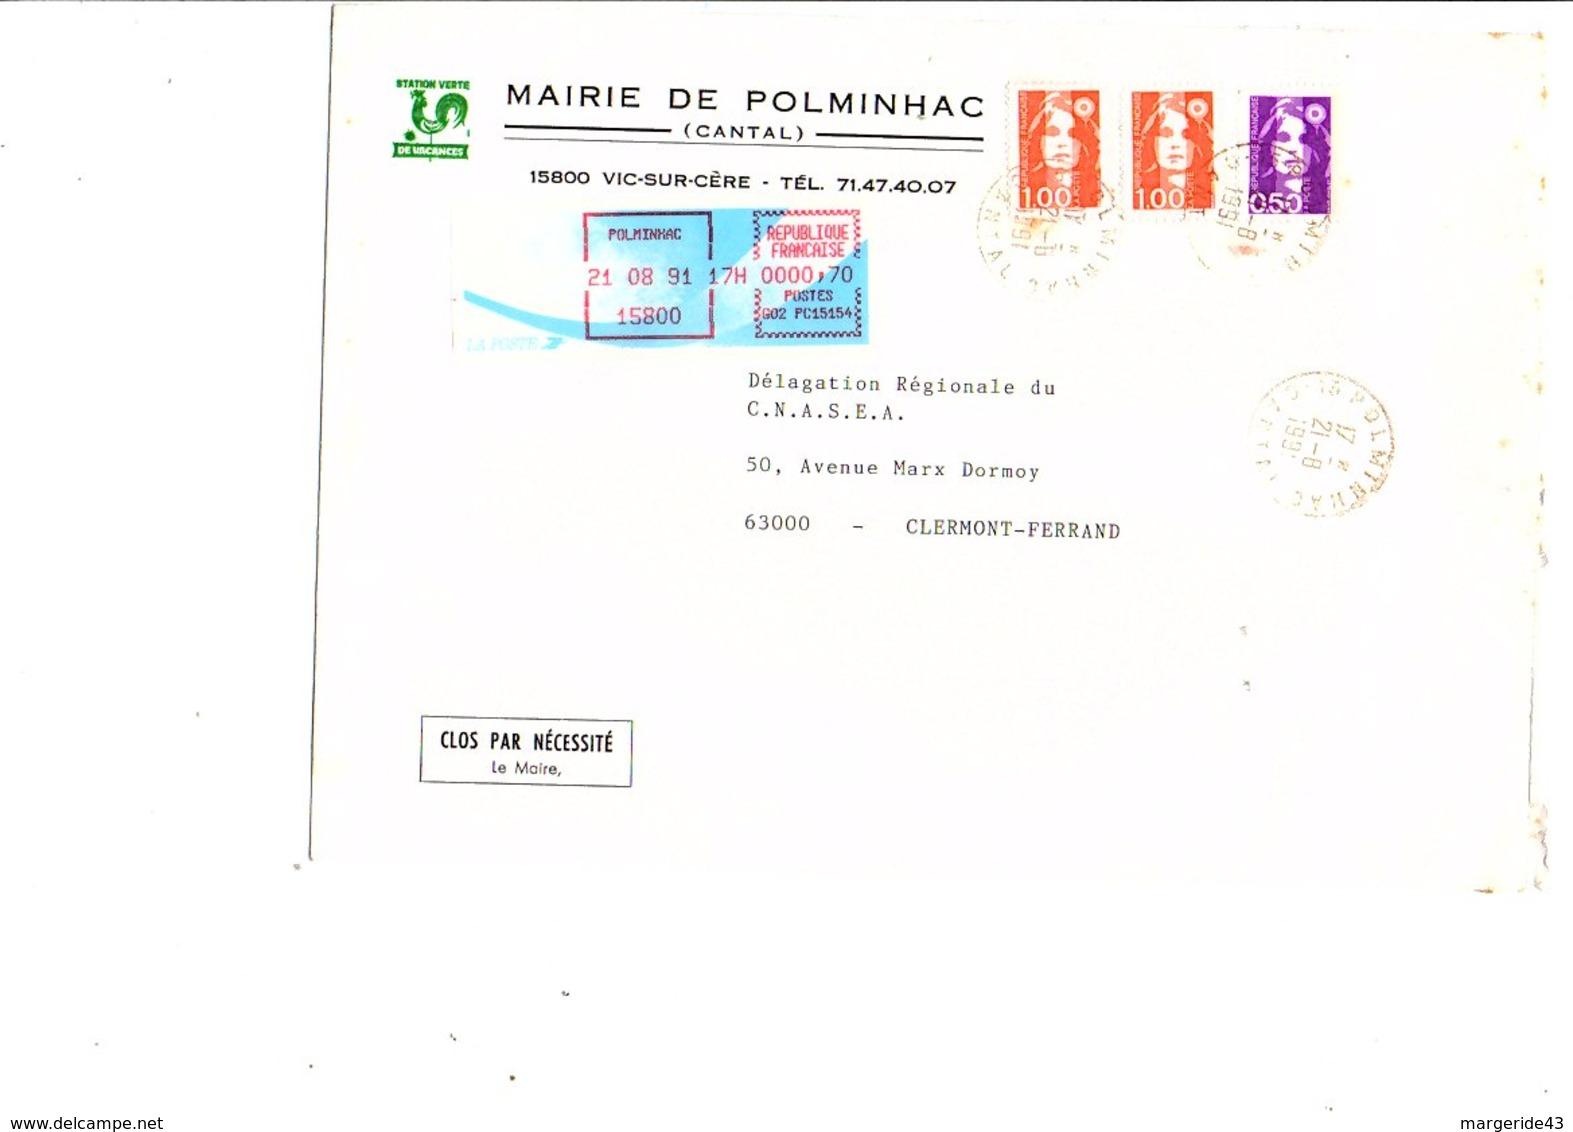 LETTRE DE MAIRIE DE POLMINHAC CANTAL - Marcophilie (Lettres)